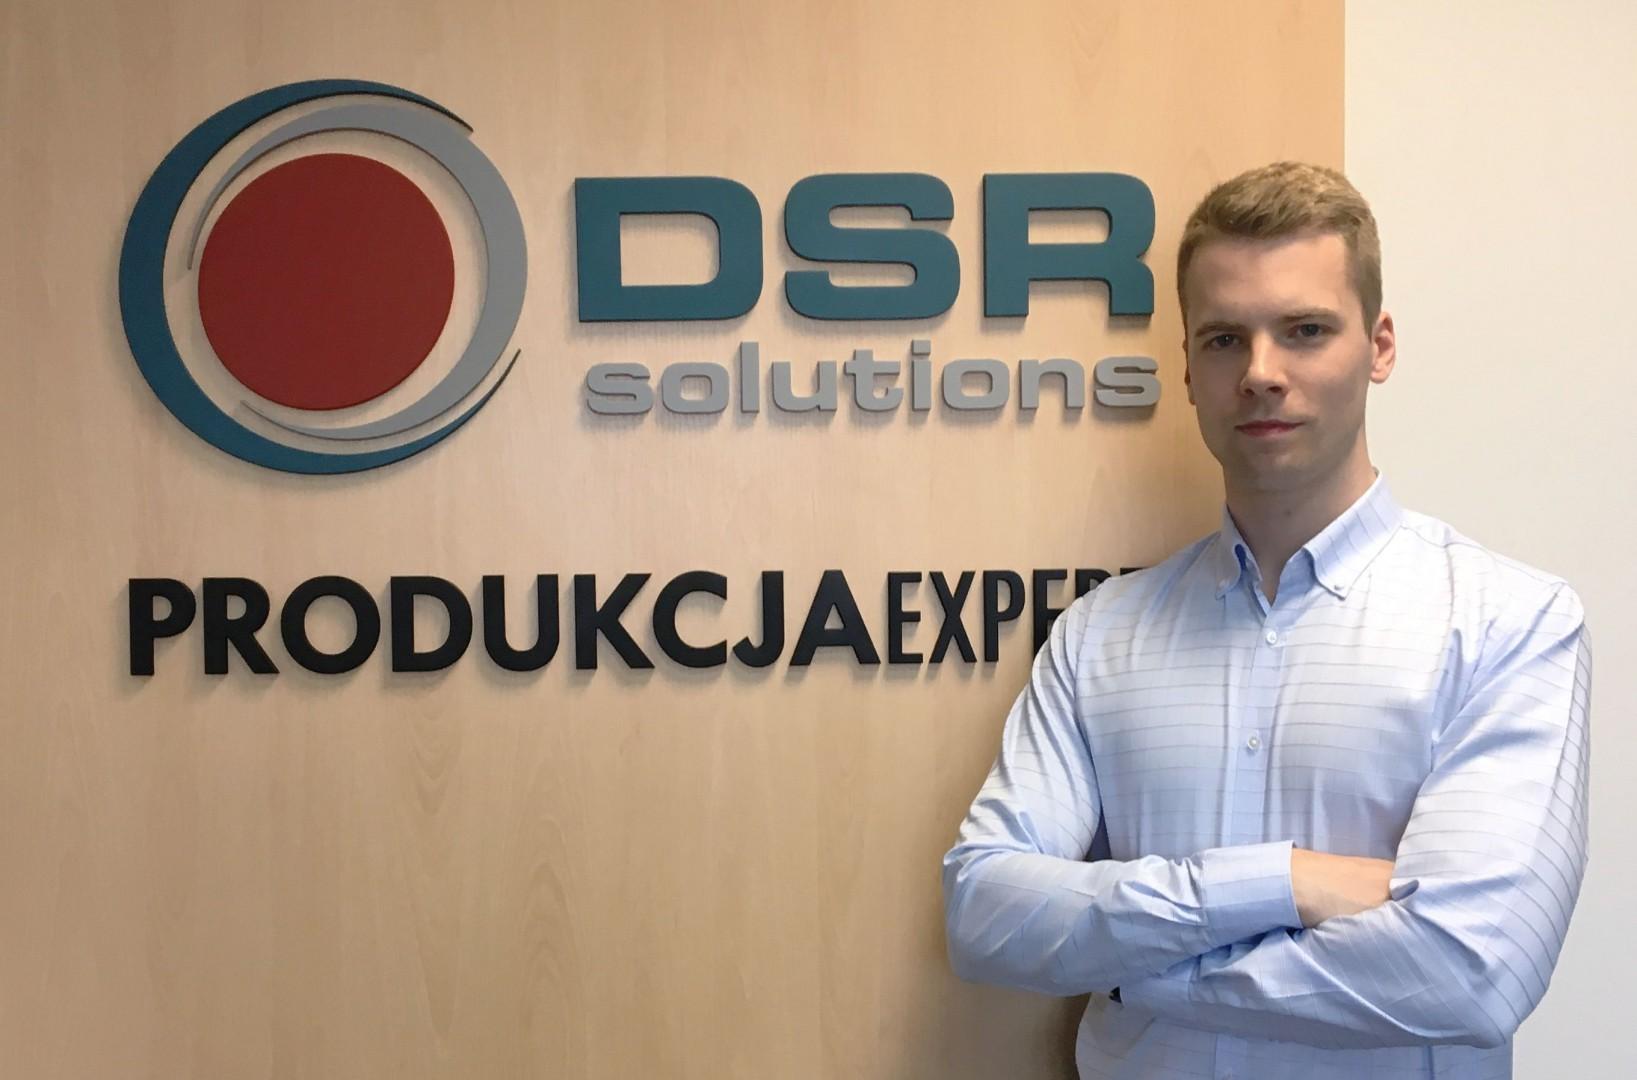 Jan Skowroński, R&D manager w DSR, spółce specjalizującej się w zaawansowanych rozwiązaniach informatycznych dla przemysłu. Fot. DSR